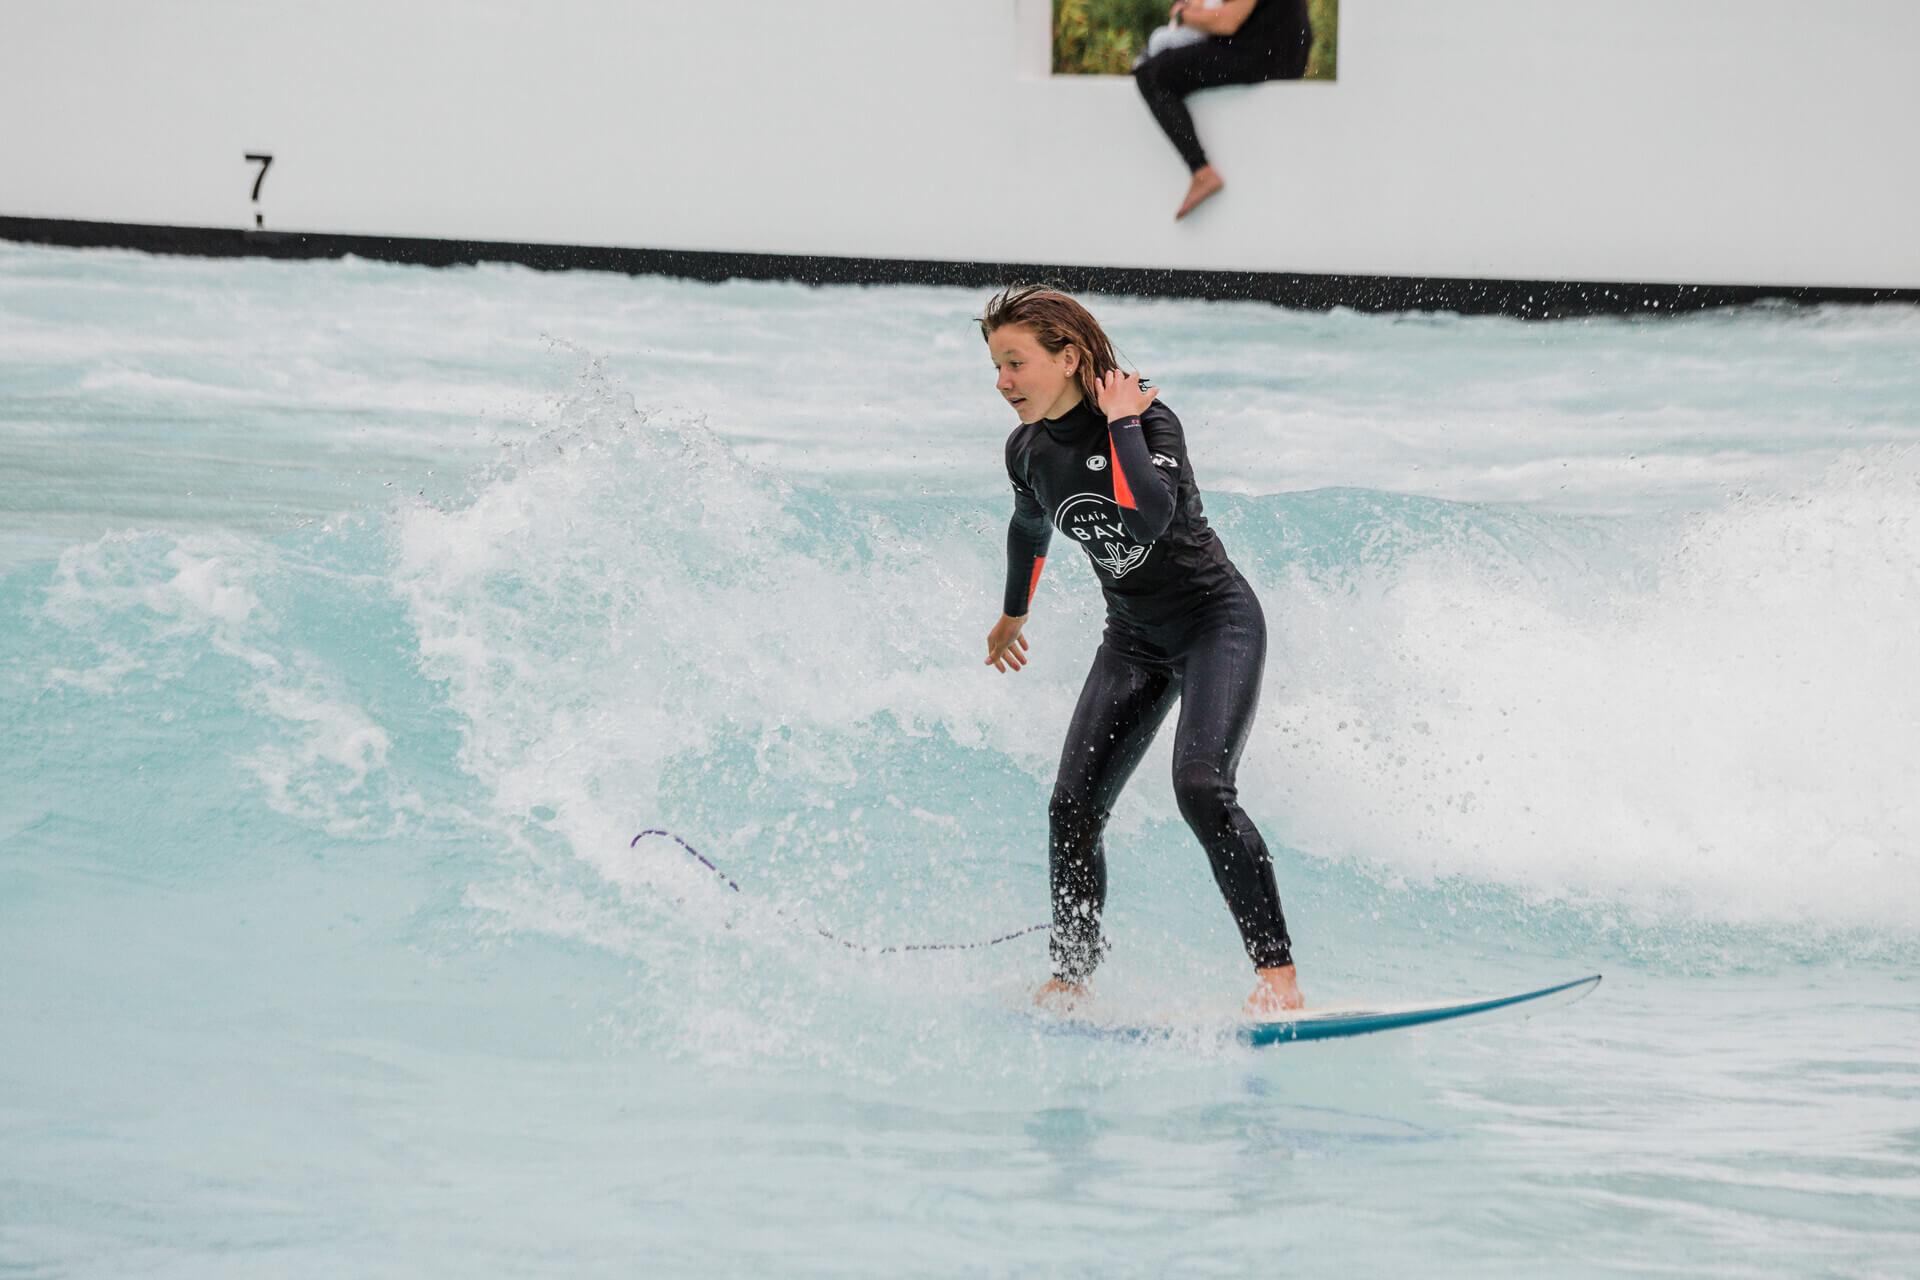 AlaïaBay - Les vagues